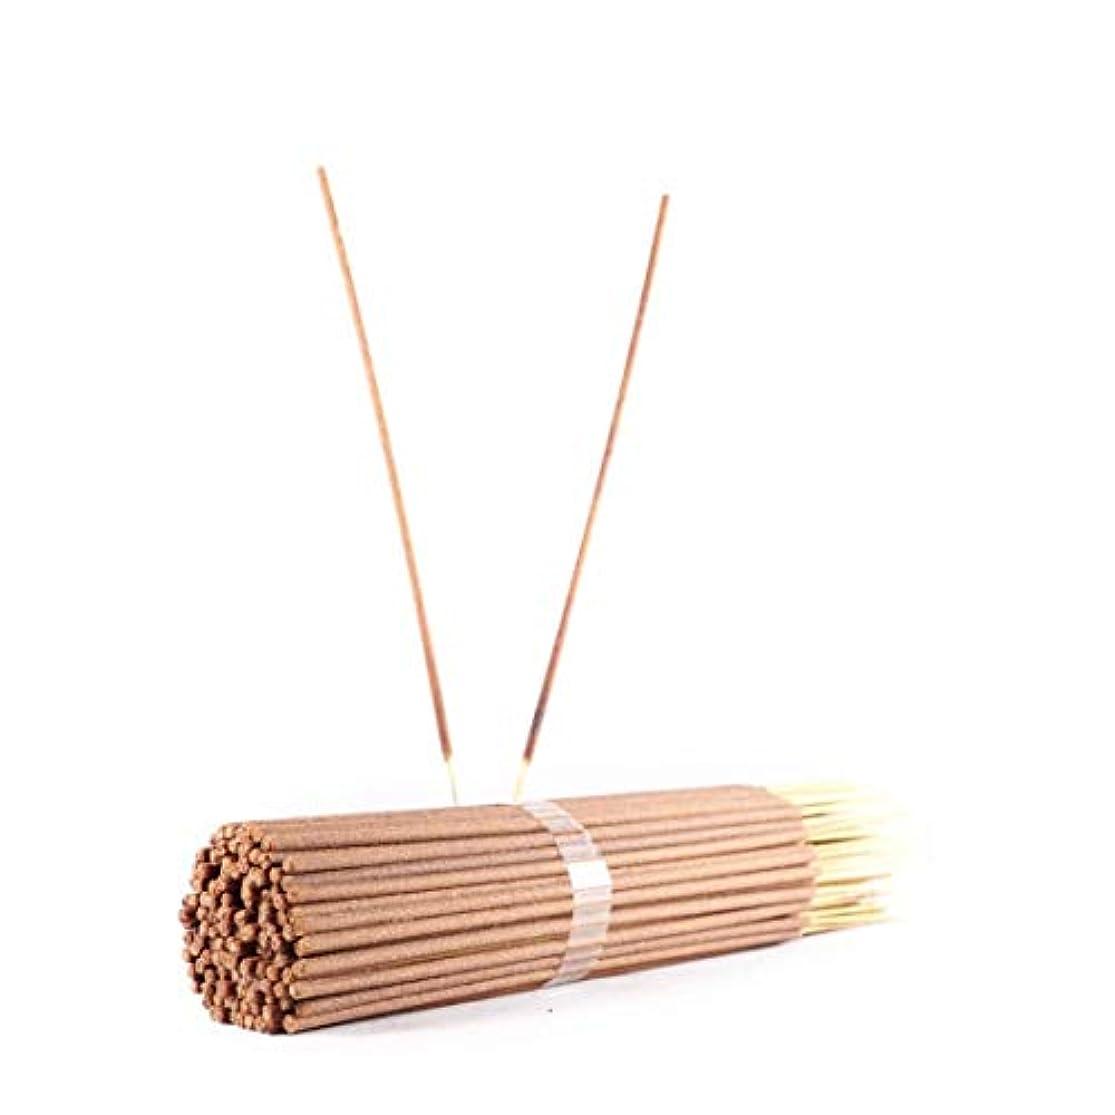 浮く起きている航空会社Gifteniaa Wonderful Vaishnavi Fragrant 9 Inches insence Sticks and Masala Insence Sticks (50 Sticks)